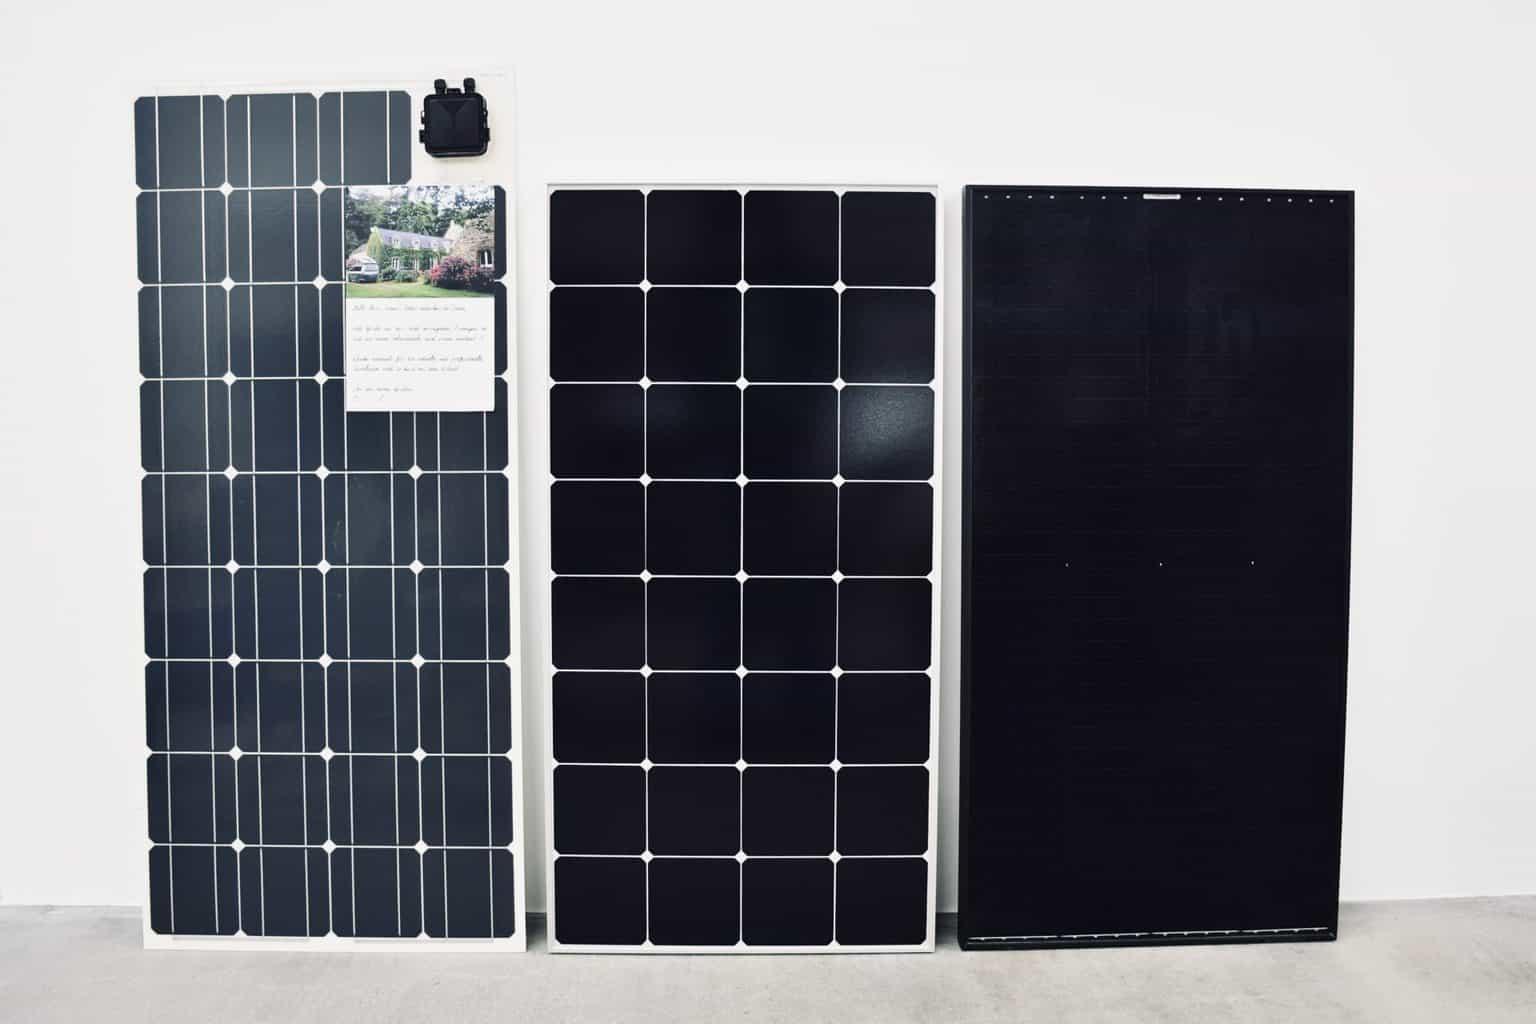 Solarmodul-PV-flexibles-Modul-Rahmen-Modul-CIS-Modul